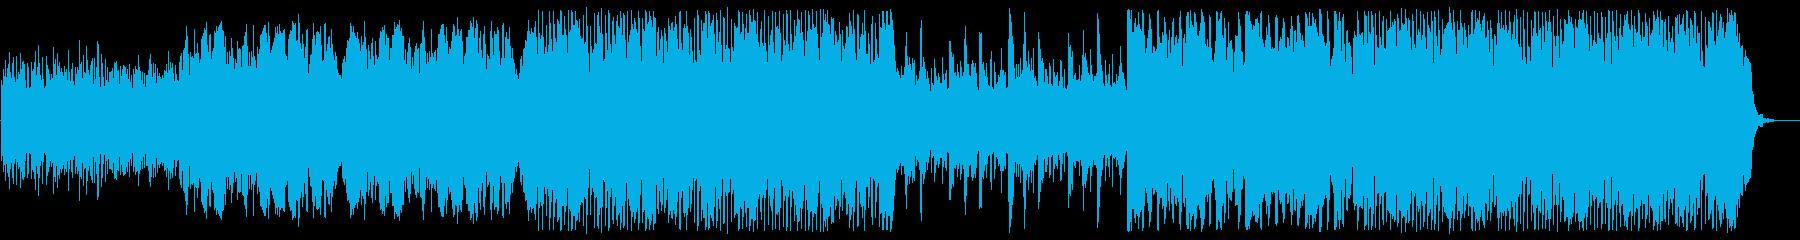 笛の音が幻想的で冬っぽい世界観の再生済みの波形